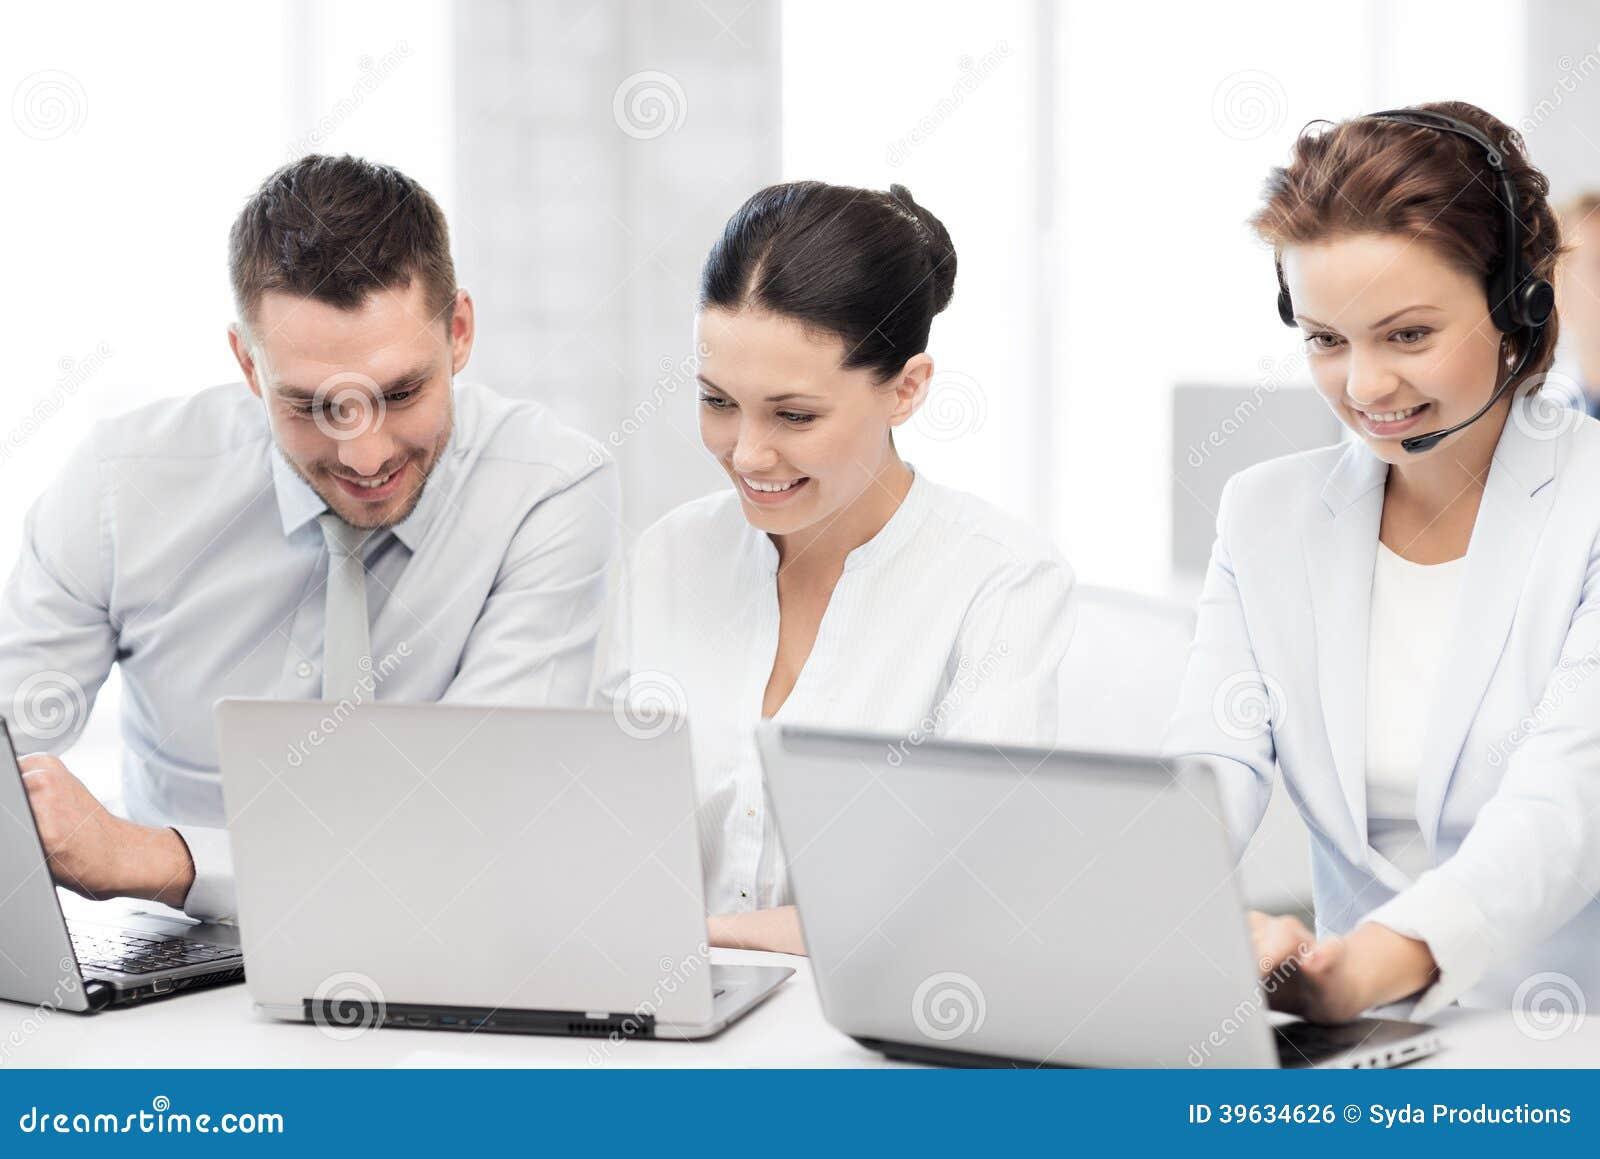 Ομάδα ανθρώπων που εργάζεται με τα lap-top στην αρχή